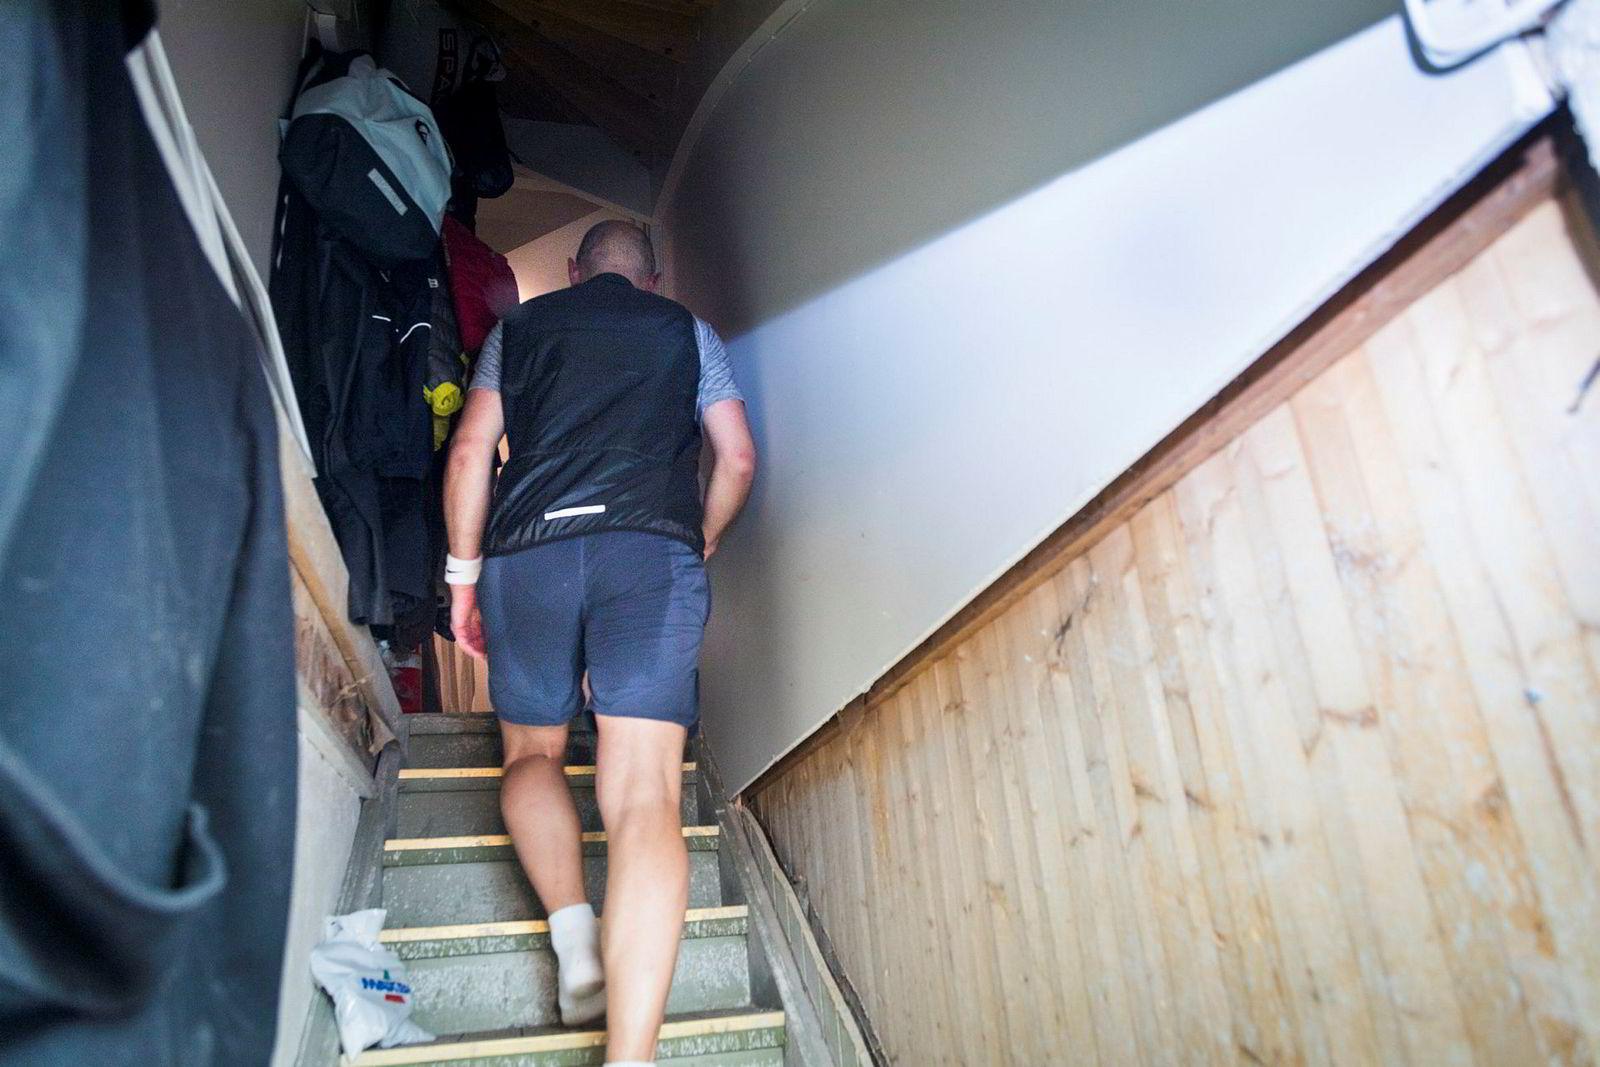 Gjennomvåt av svette og mør i hele kroppen går Pål Sætre opp fra treningsrommet i kjelleren etter nok en hardøkt i kjelleren.